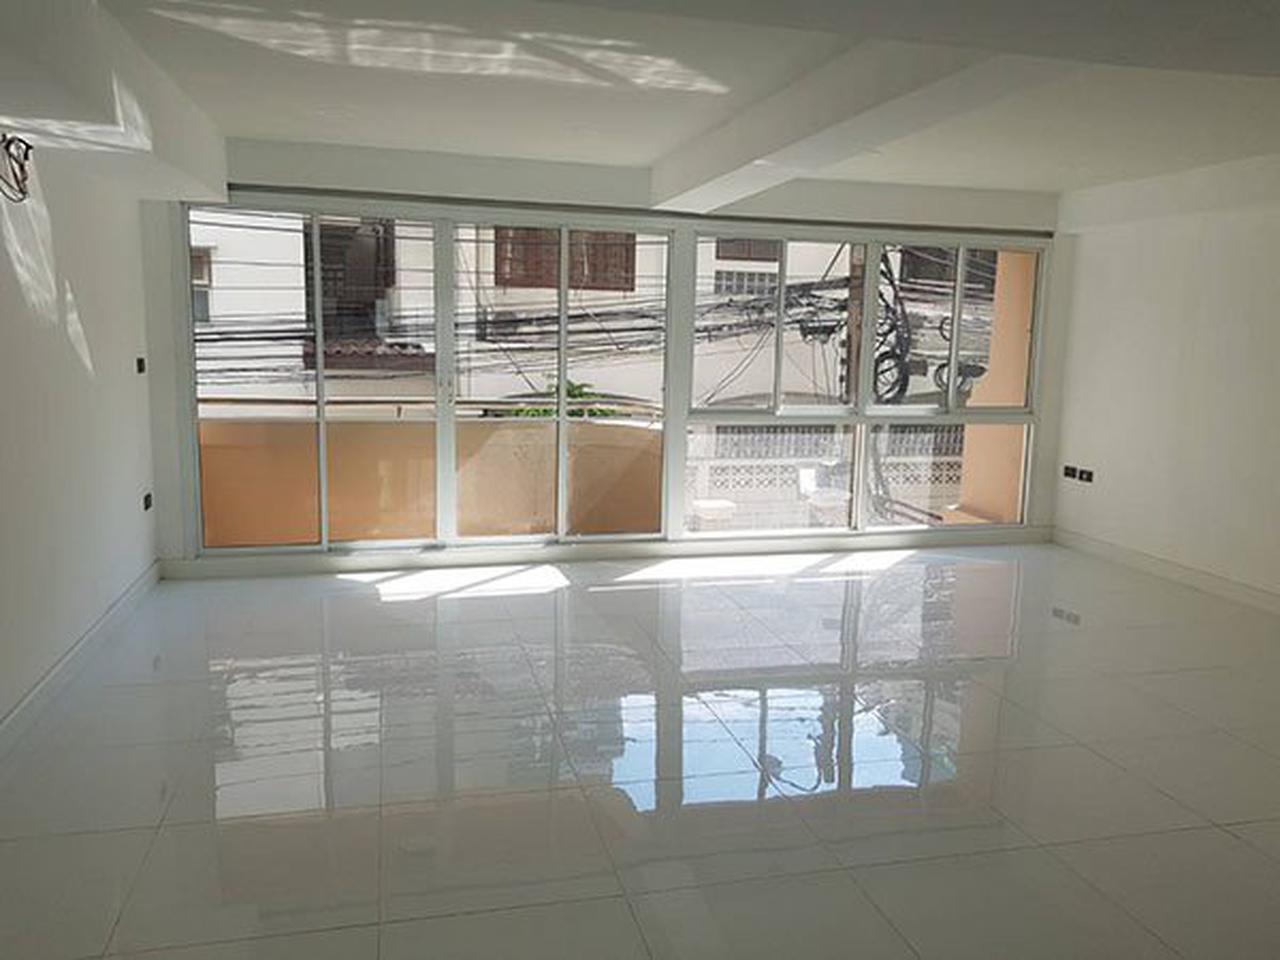 ขายด่วน ทาวน์โฮม ตกแต่งใหม่พร้อมลิฟท์ สุขุมวิท ใกล้ BTS ทองหล่อ For Sale Newly renovated Town home with Lift Sukhumvit รูปที่ 4